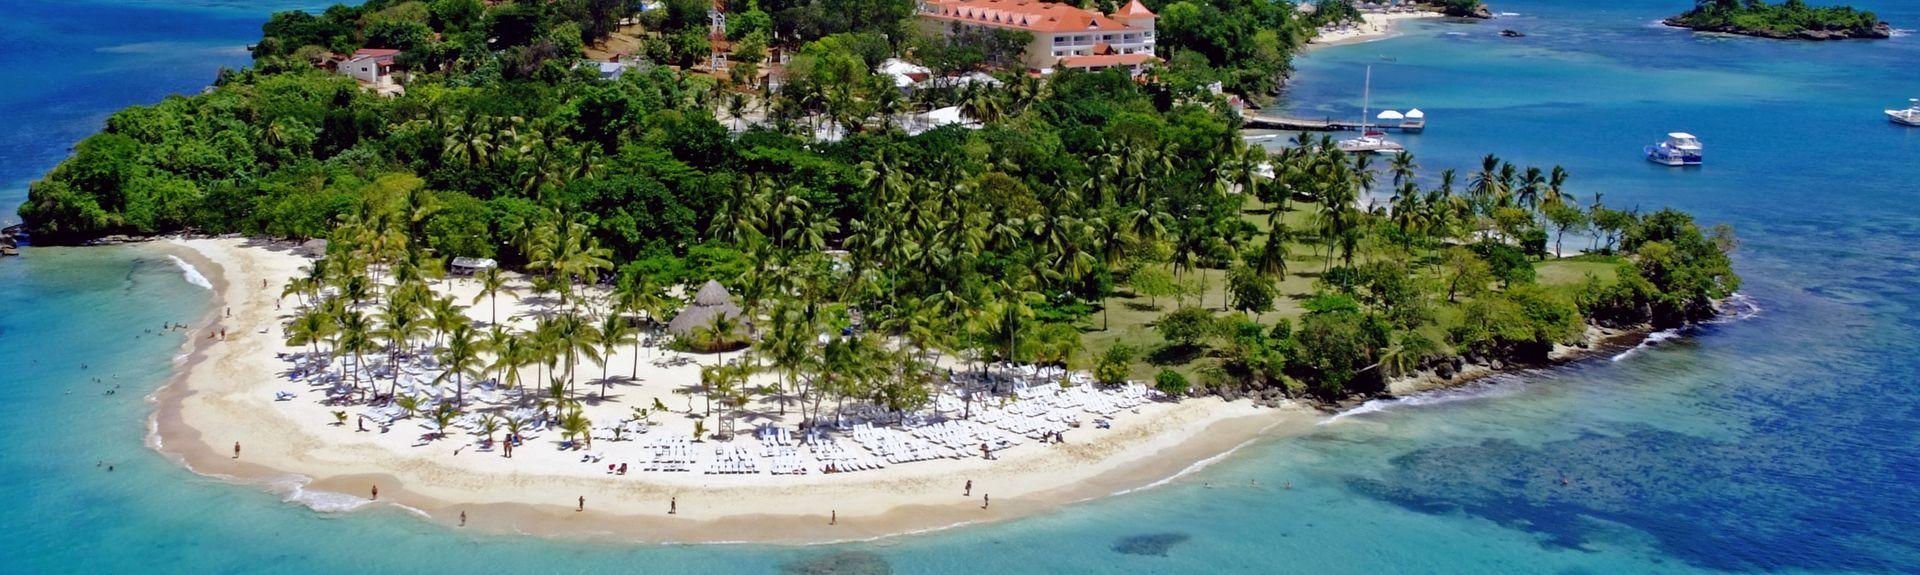 La Playita Beach, Las Galeras, Samana (province), Dominican Republic